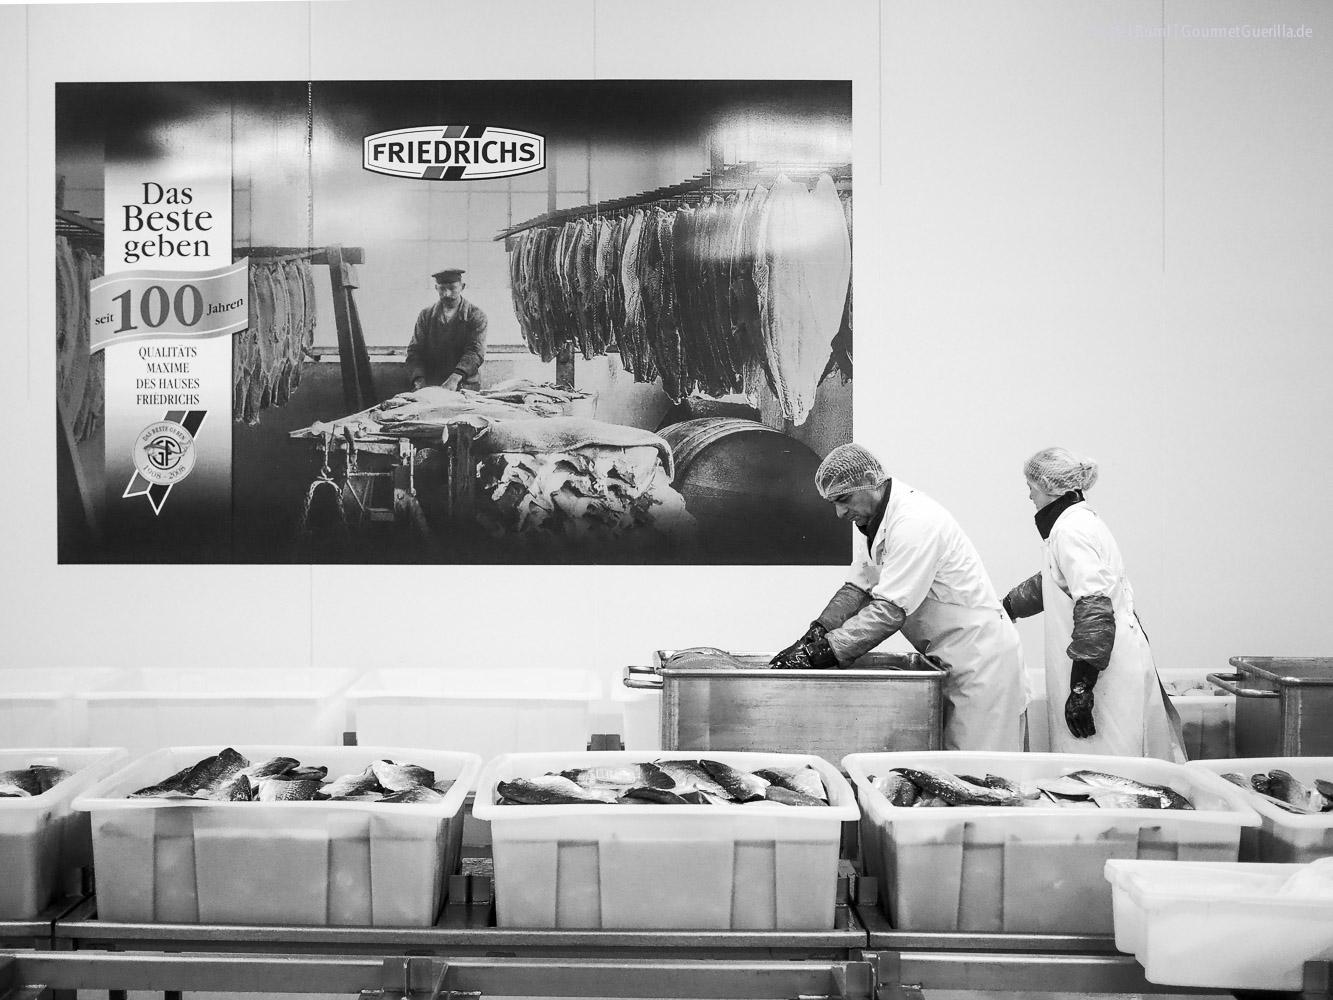 Friedrichs Feinfisch Manufaktur Herstellung und Veredelung von Alaska-Wildlachs |GourmetGuerilla.de-011490